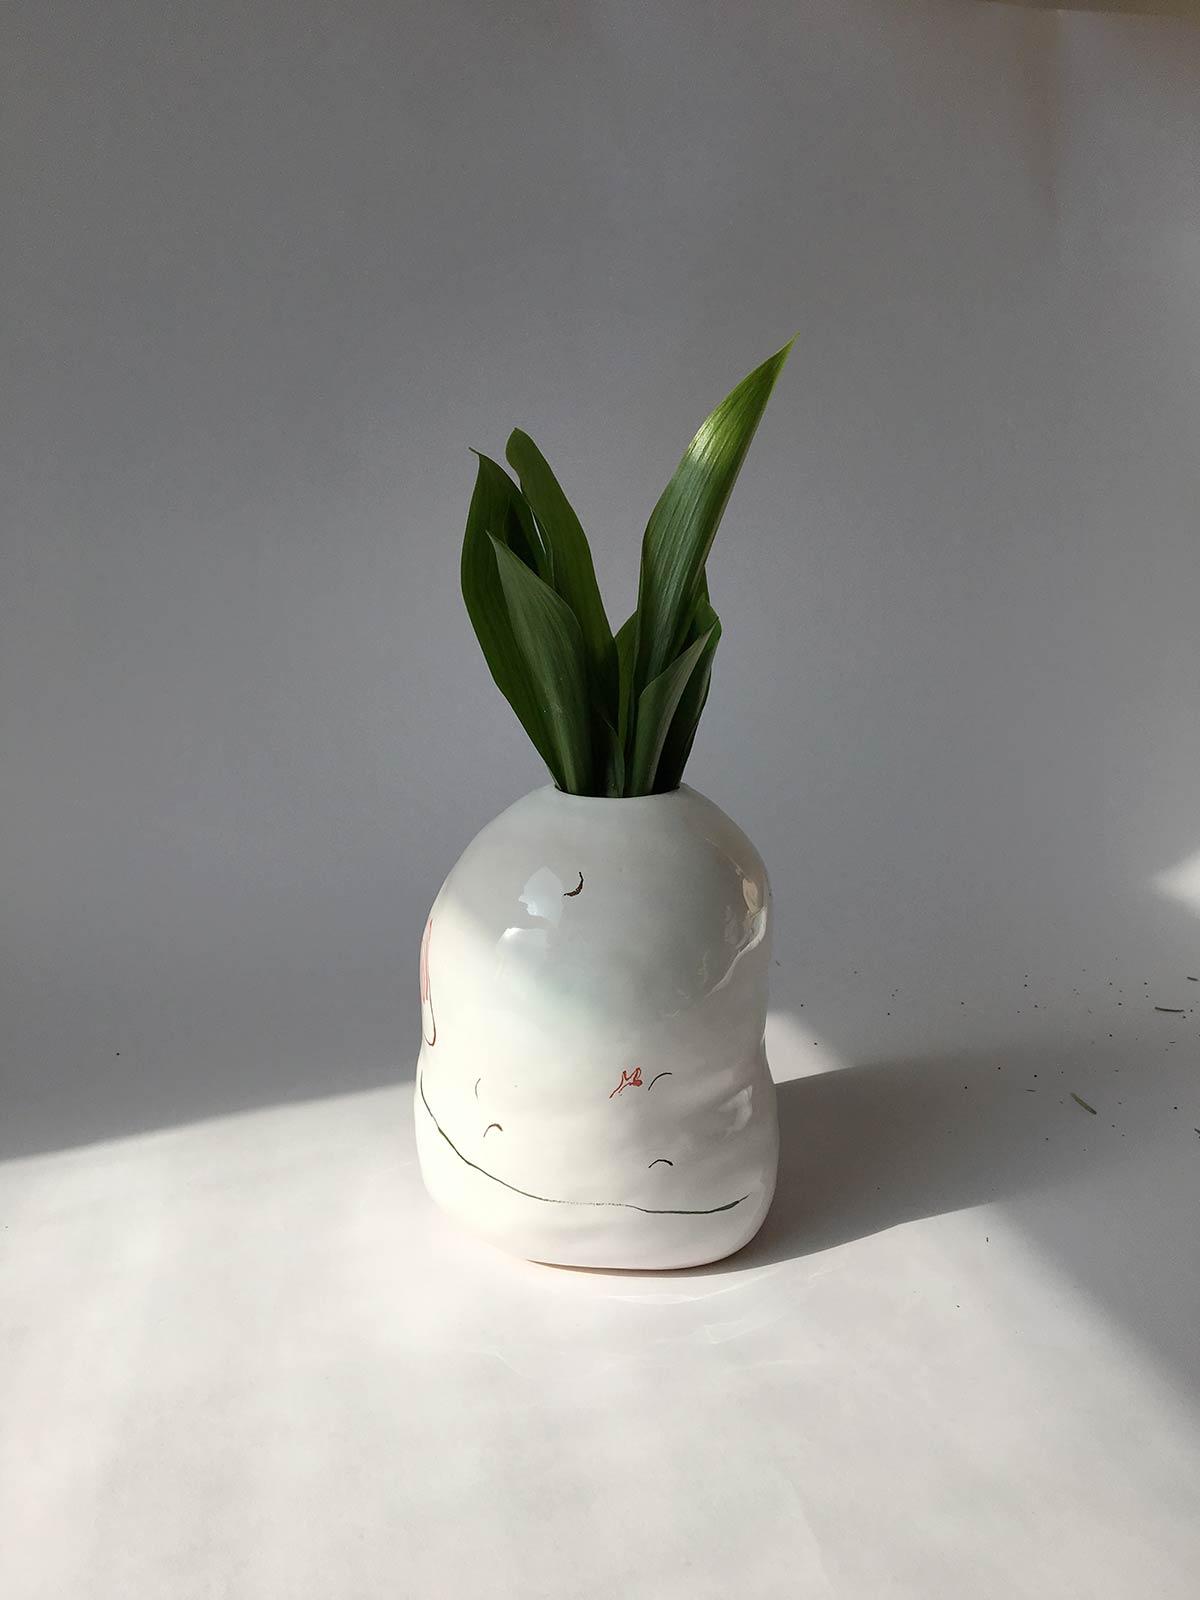 Вид сбоку - Декоративная ваза для цветов (Ручная работа)